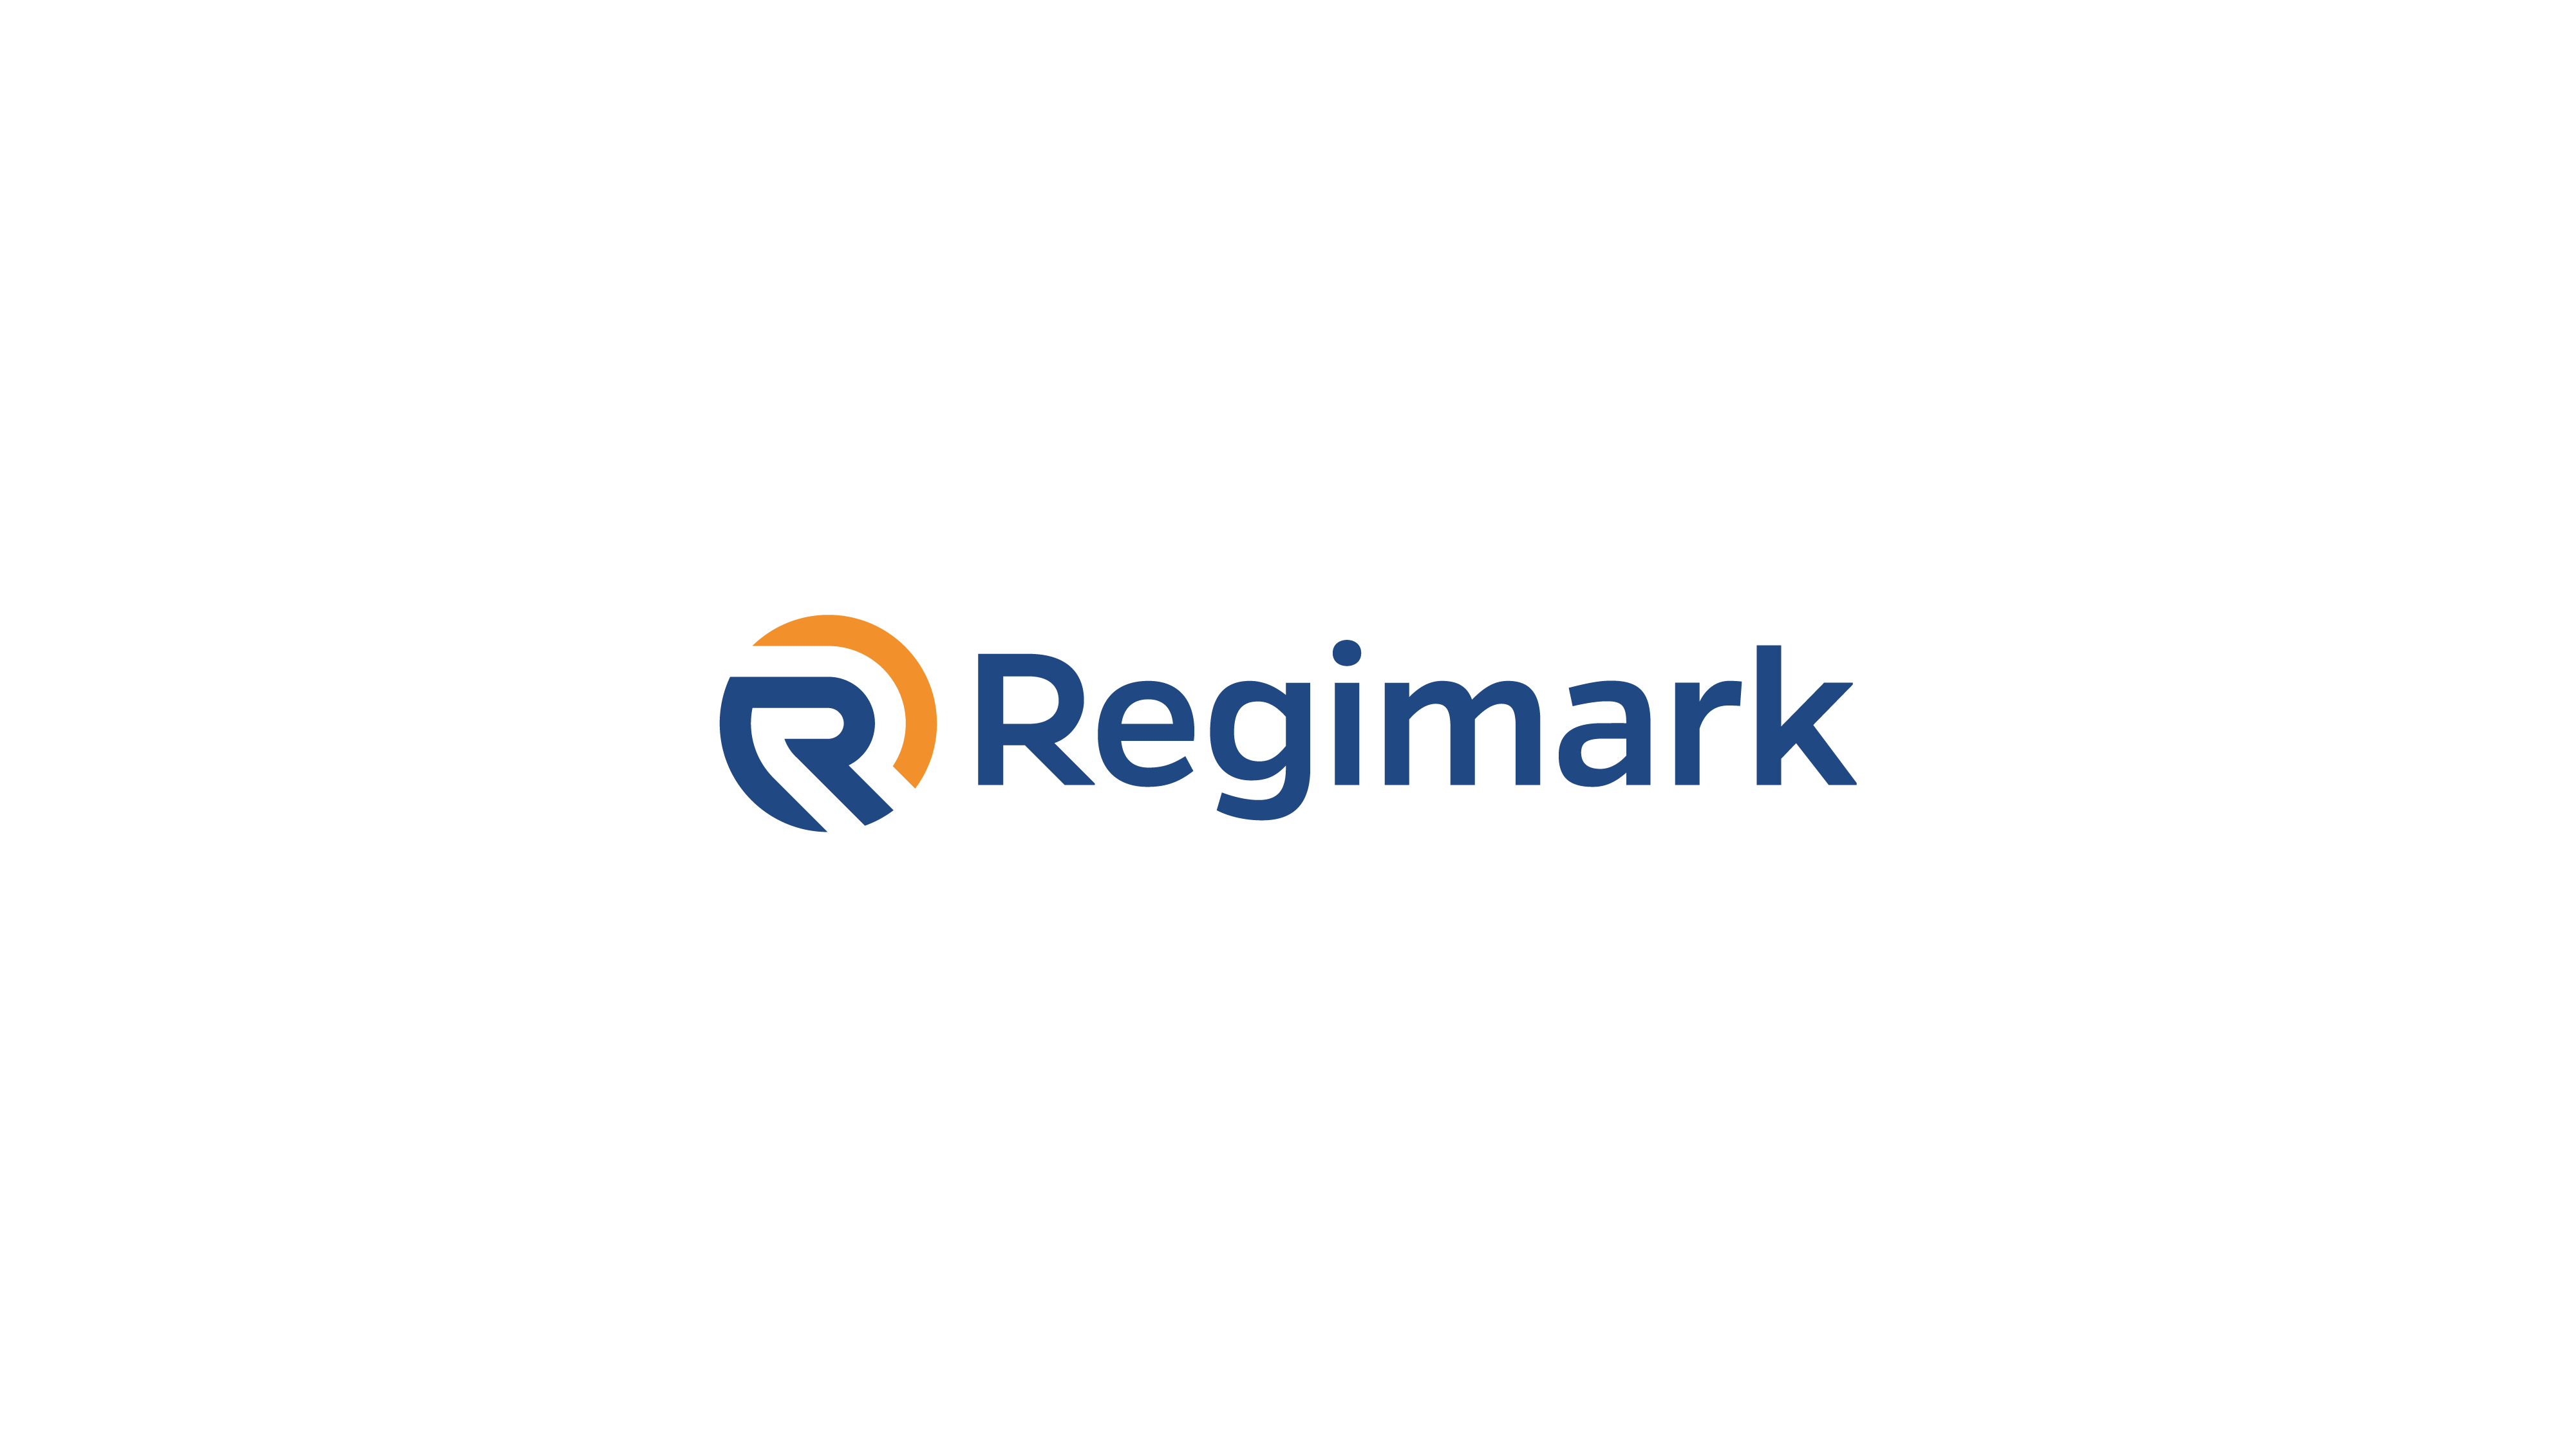 R logo in circle